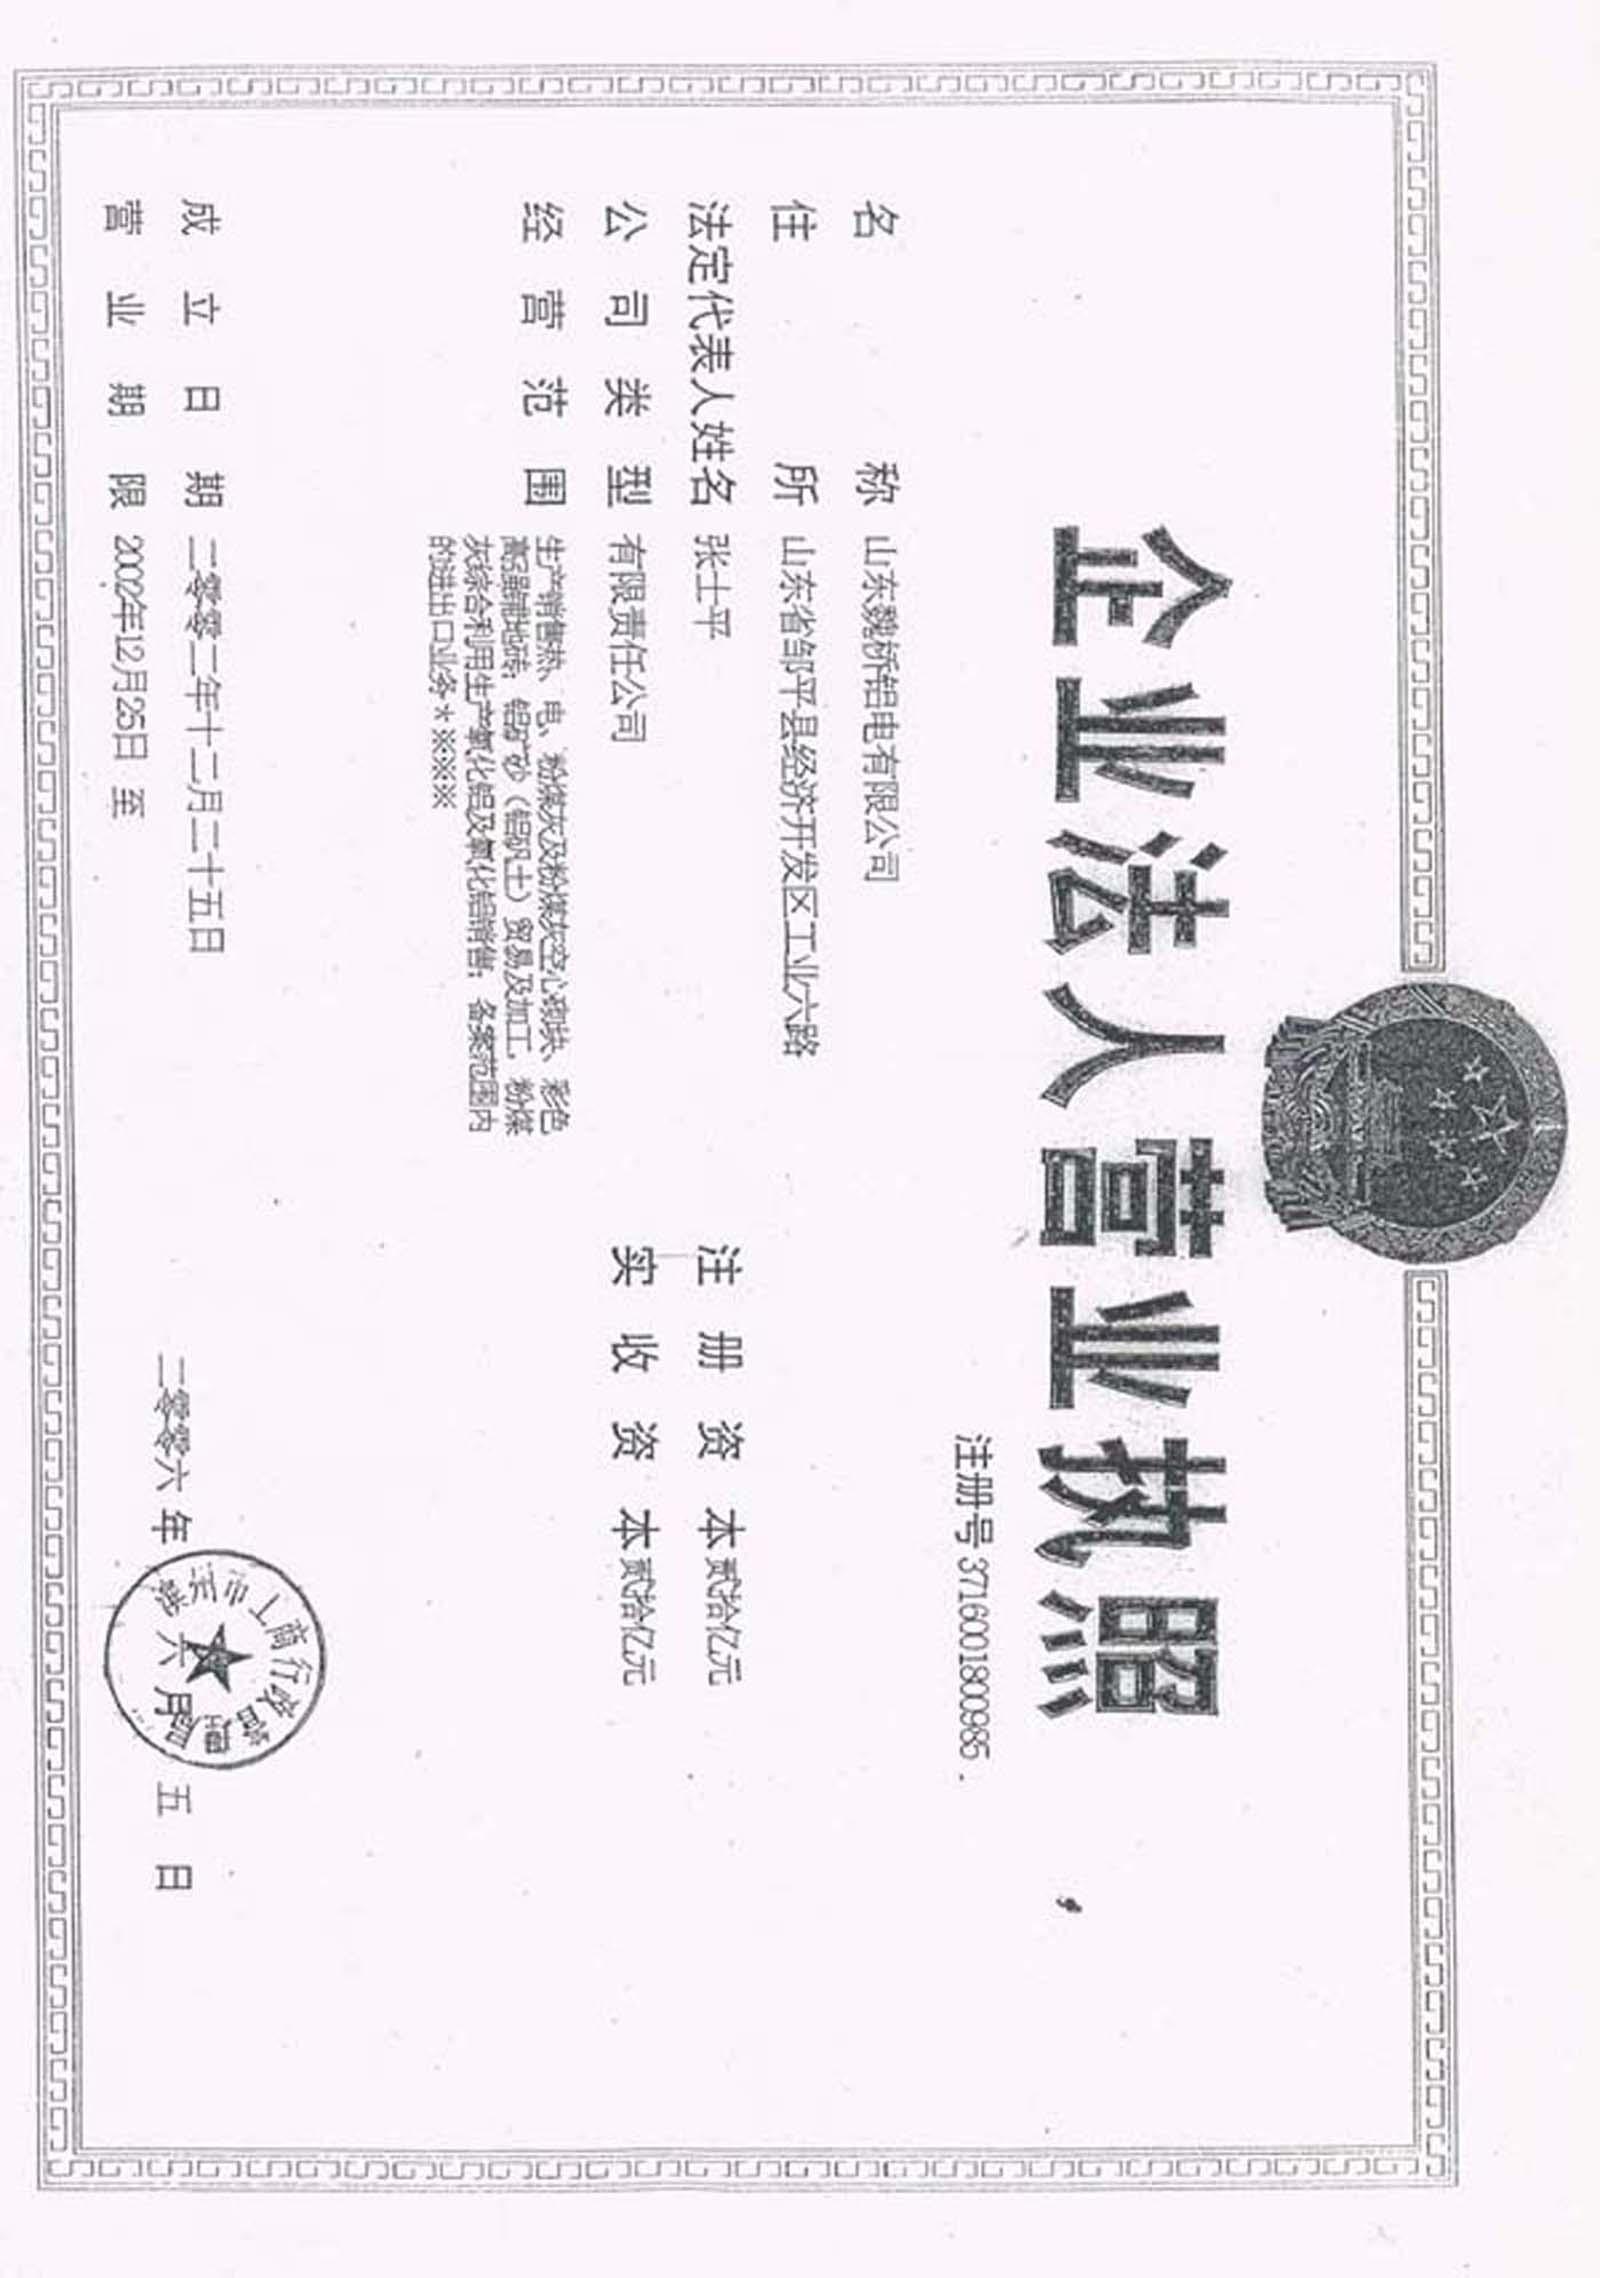 山东滨州魏桥铝业科技有限公司最新招聘信息